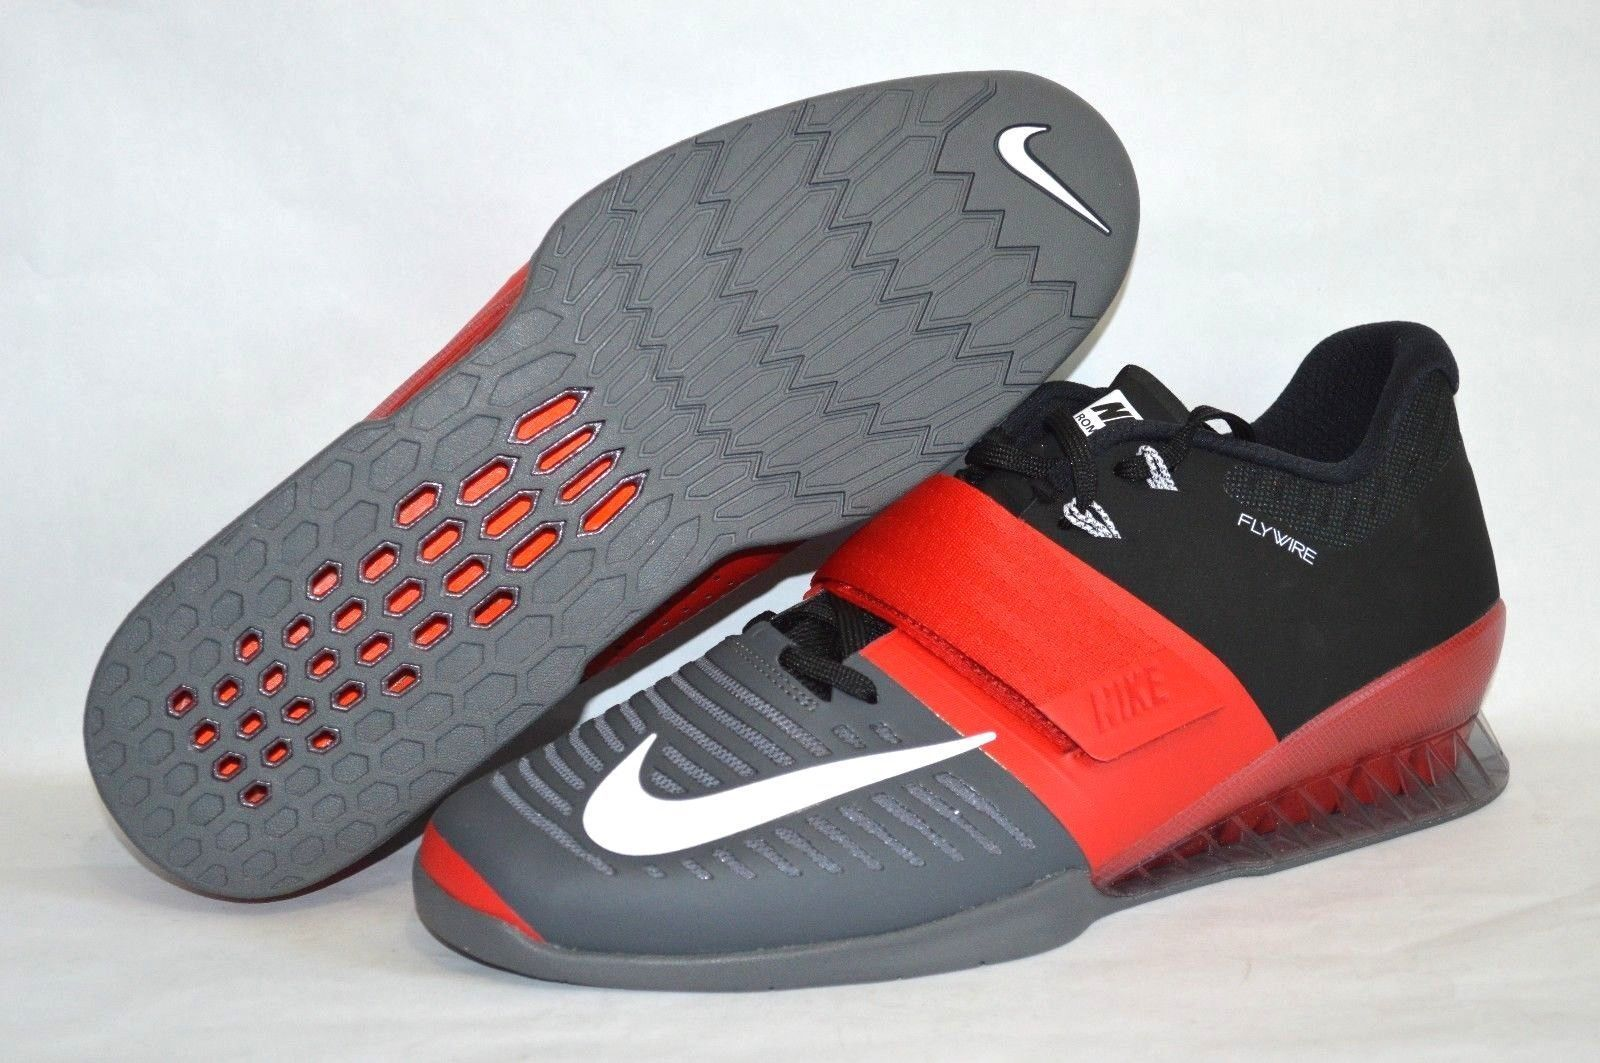 Nike Romaleos 3 Uomo Sollevamento Pesi Scarpe Rosse/ Grigio/Nero